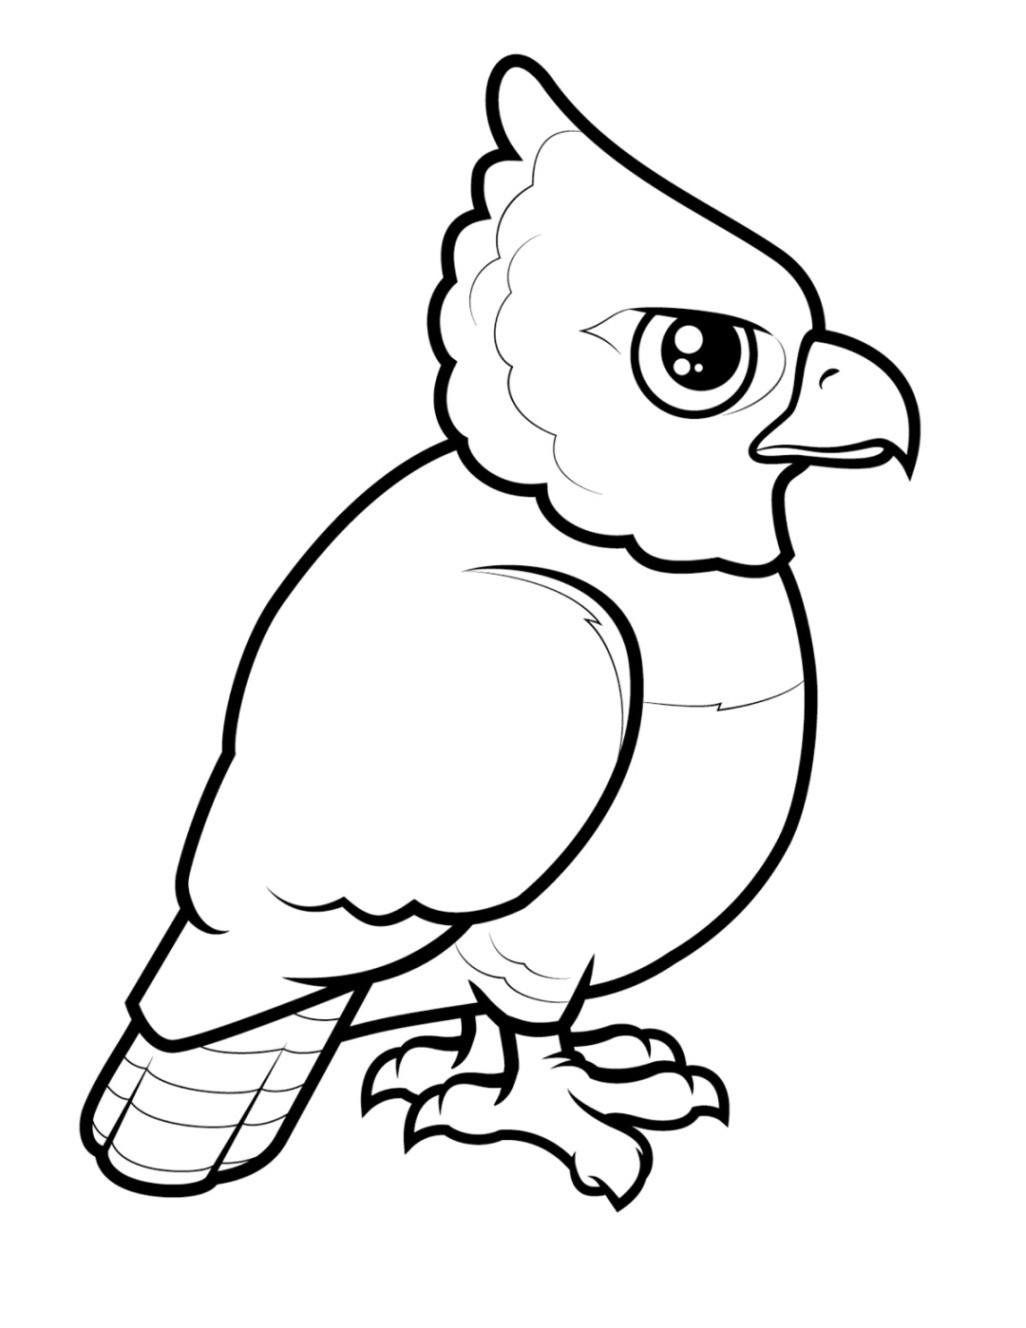 Adler Zeichnungen Zum Ausmalen Einzigartig Adler Ausmalbilder Für Kinder Gratis Einzigartig Ausmalbilder Adler Fotos